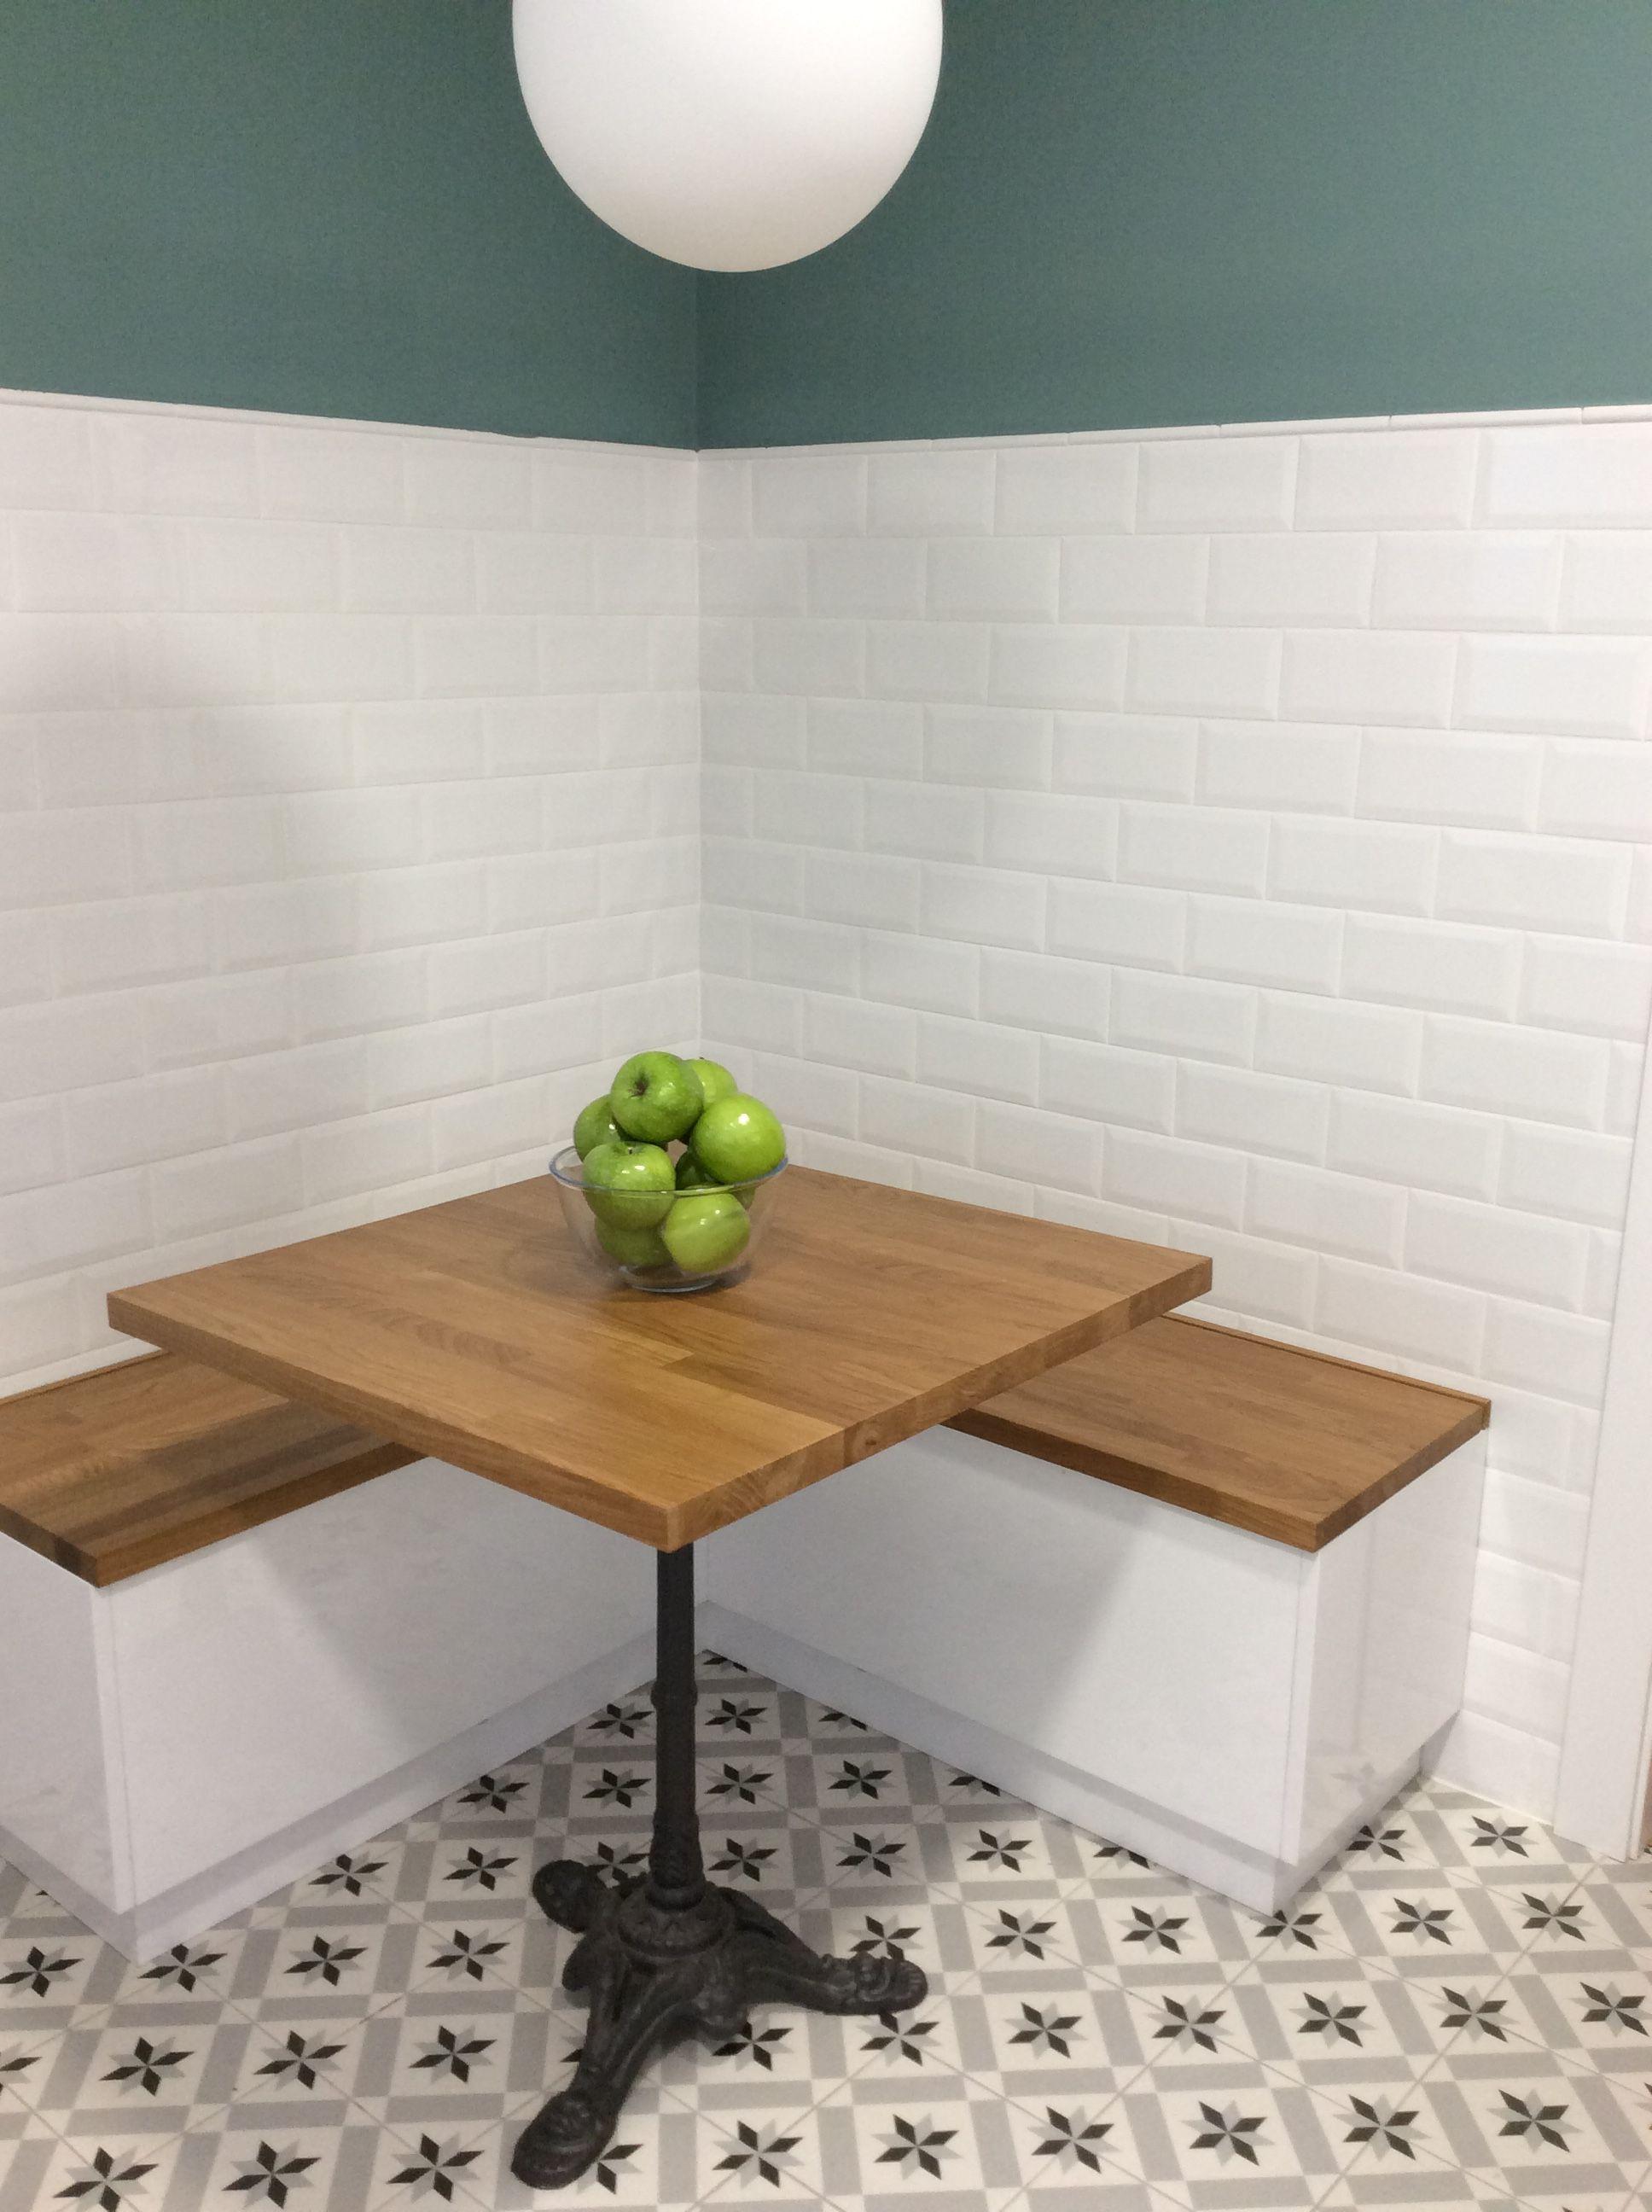 Rincones para compartir mesa de cocina con bancos de - Bancos para cocina ...